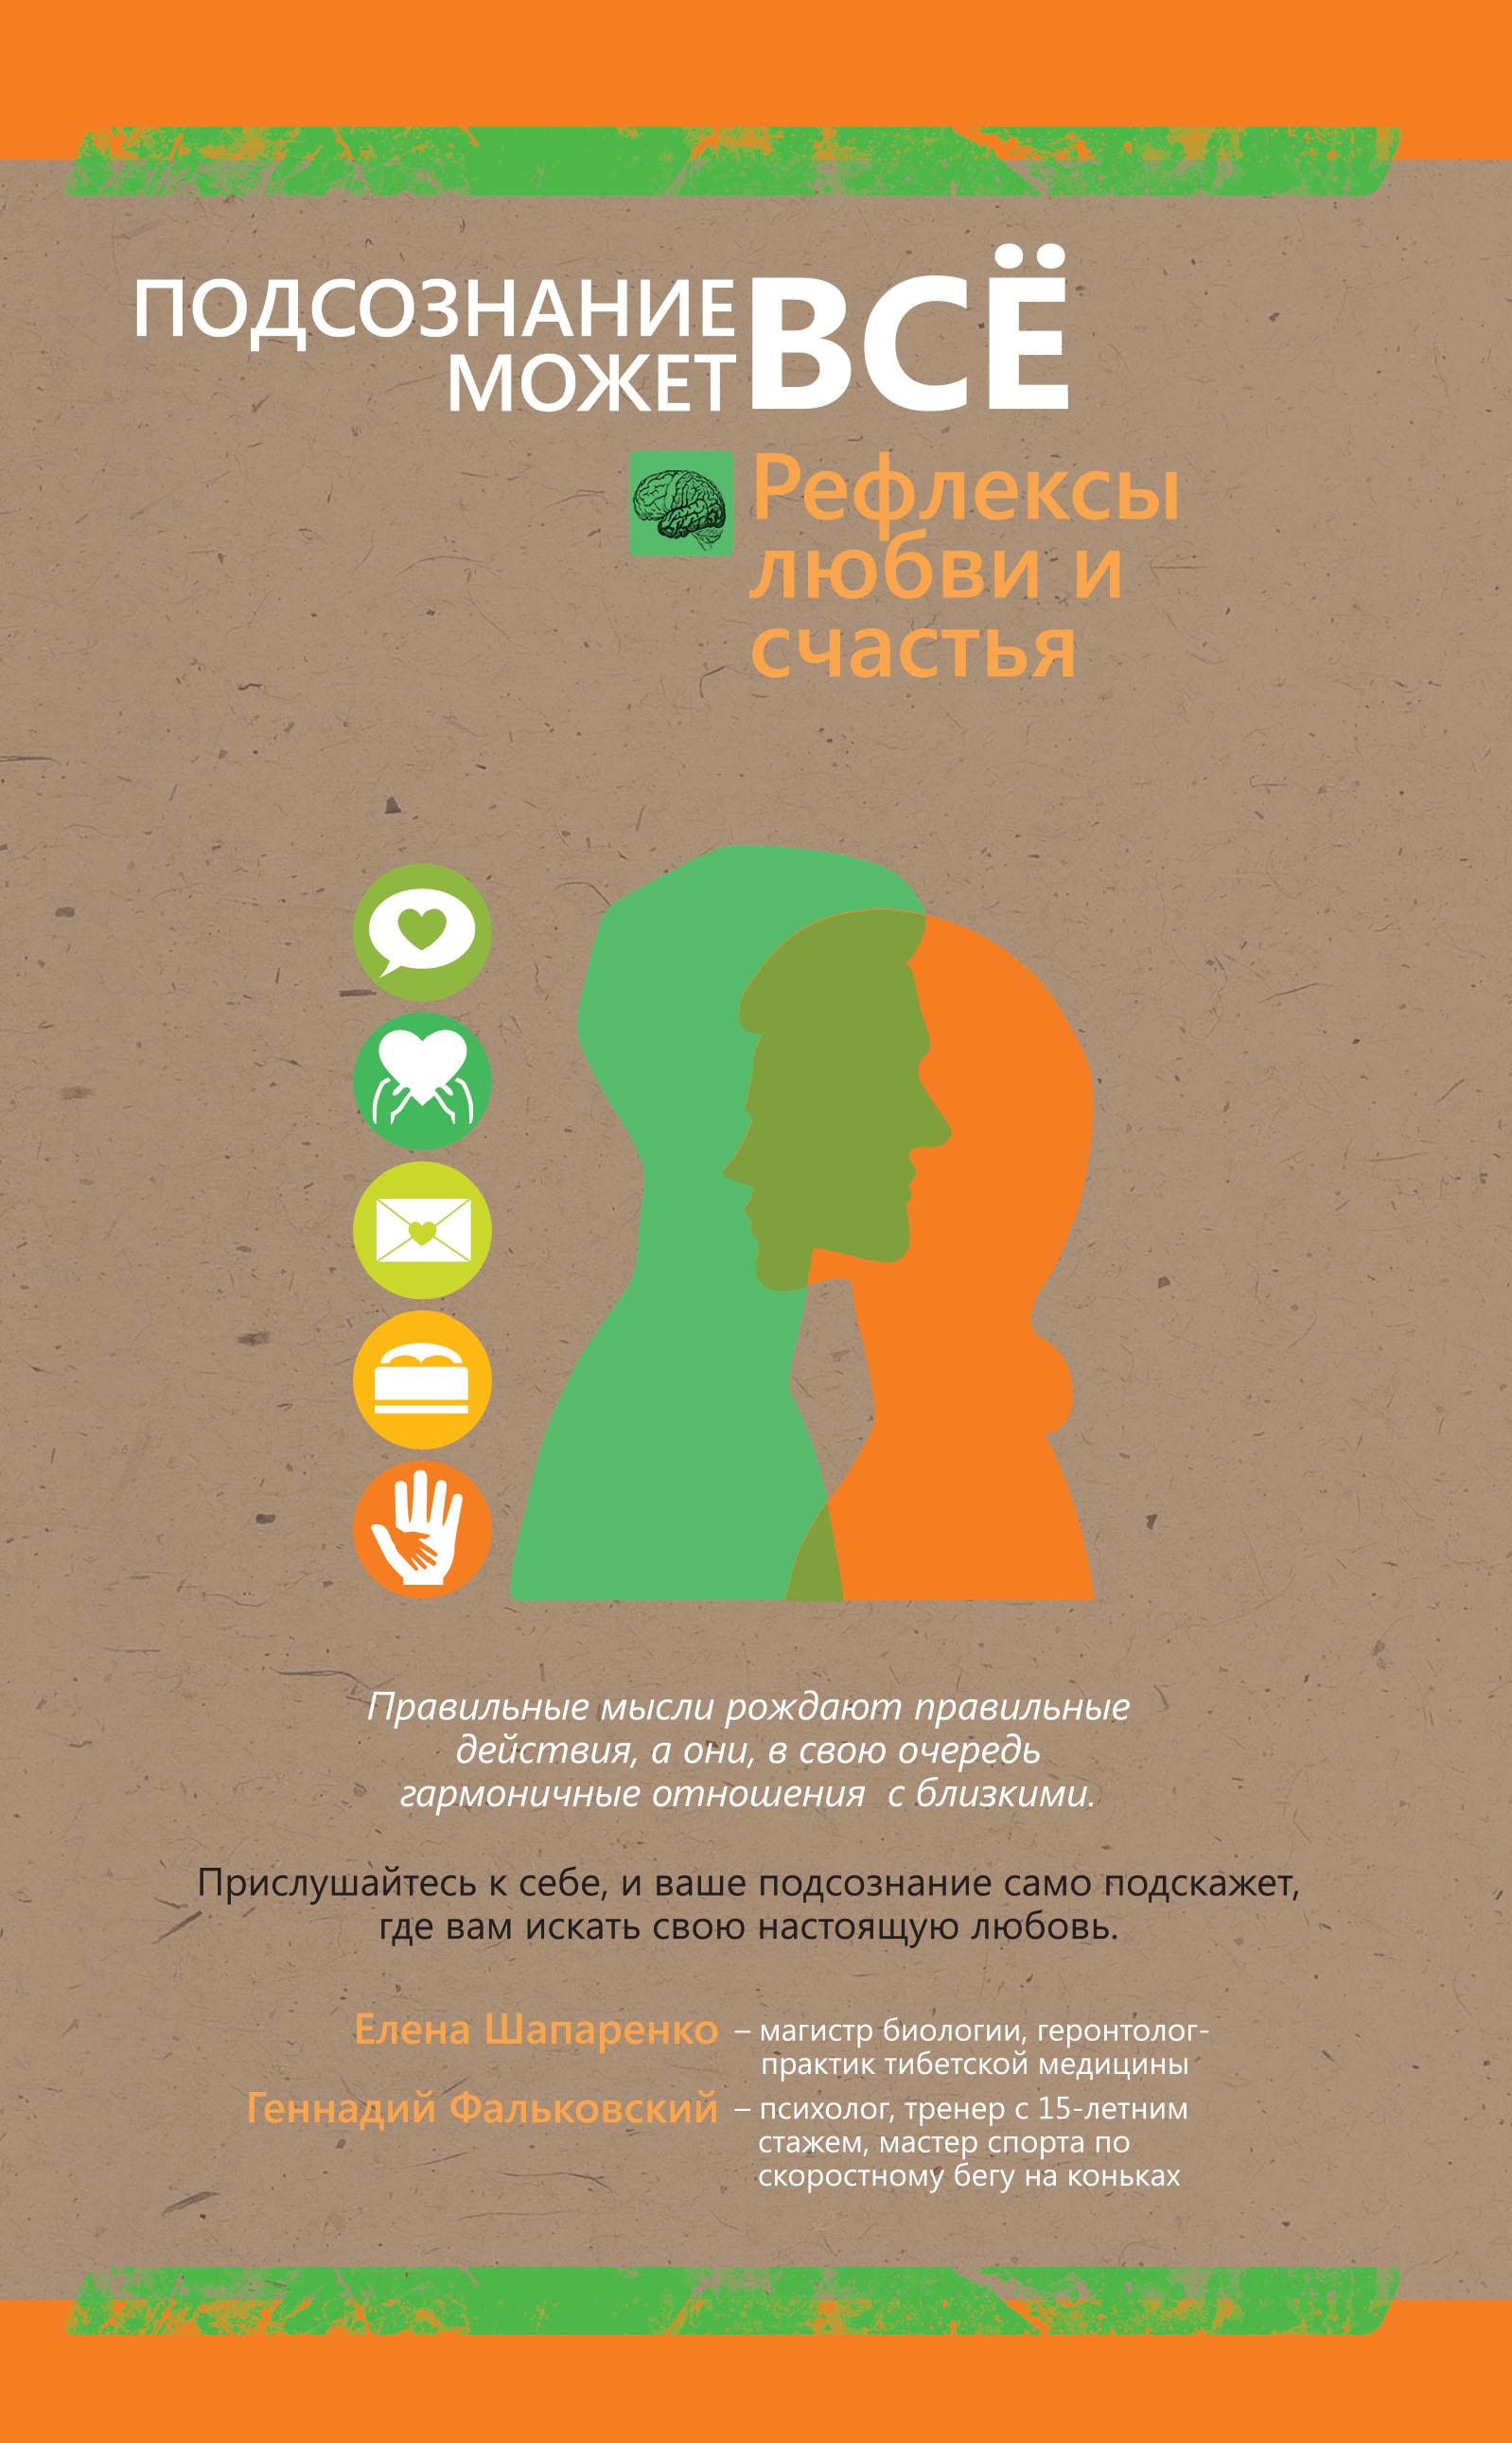 Фальковский Г.В. Рефлексы любви и счастья clever что такое счастье